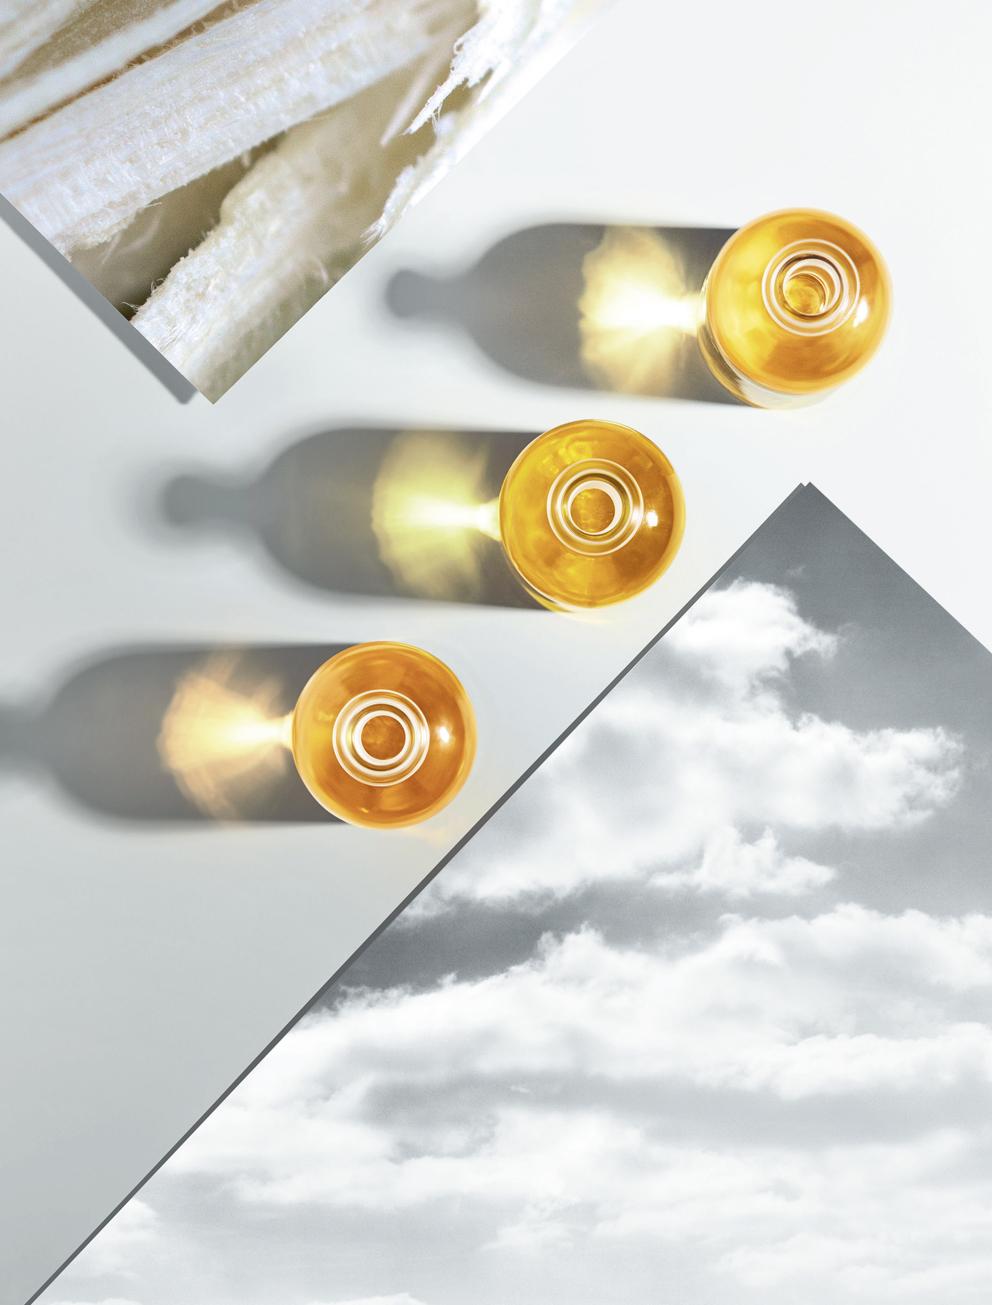 L'Envol de Cartier réinvente l'eau de parfum, l'air et la façon de vivre qui va avec…